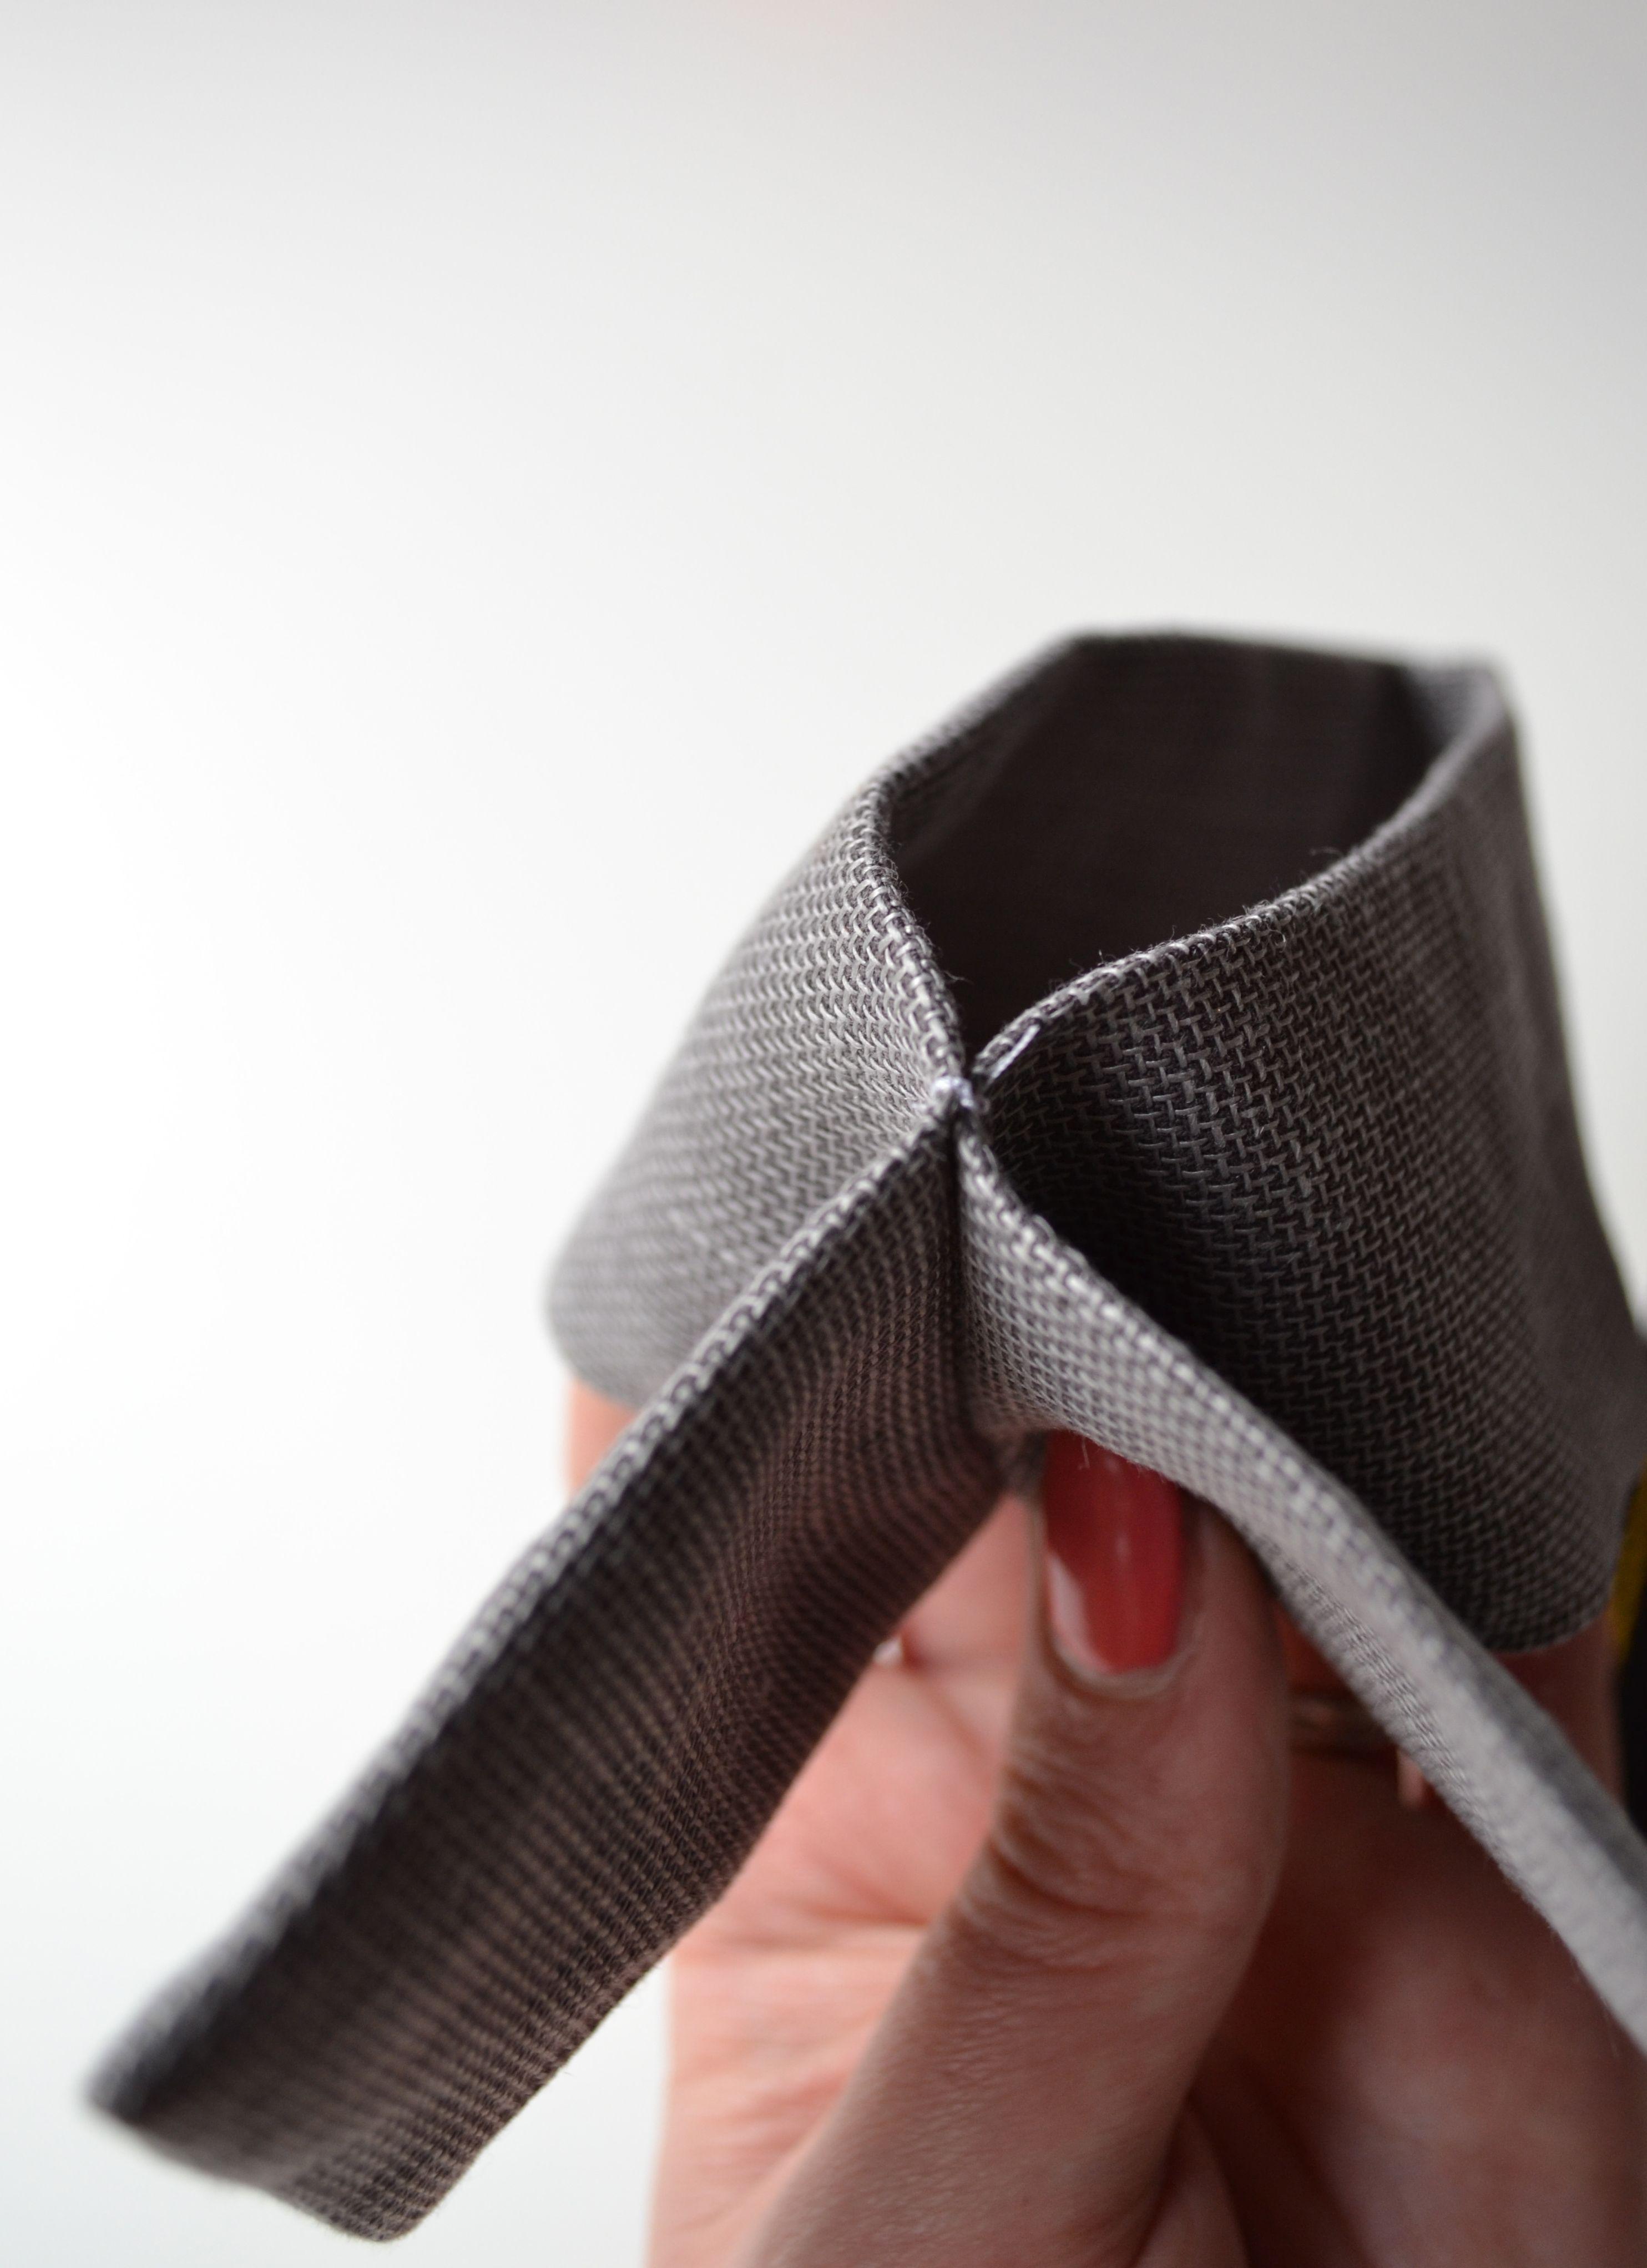 Open Bow Tie